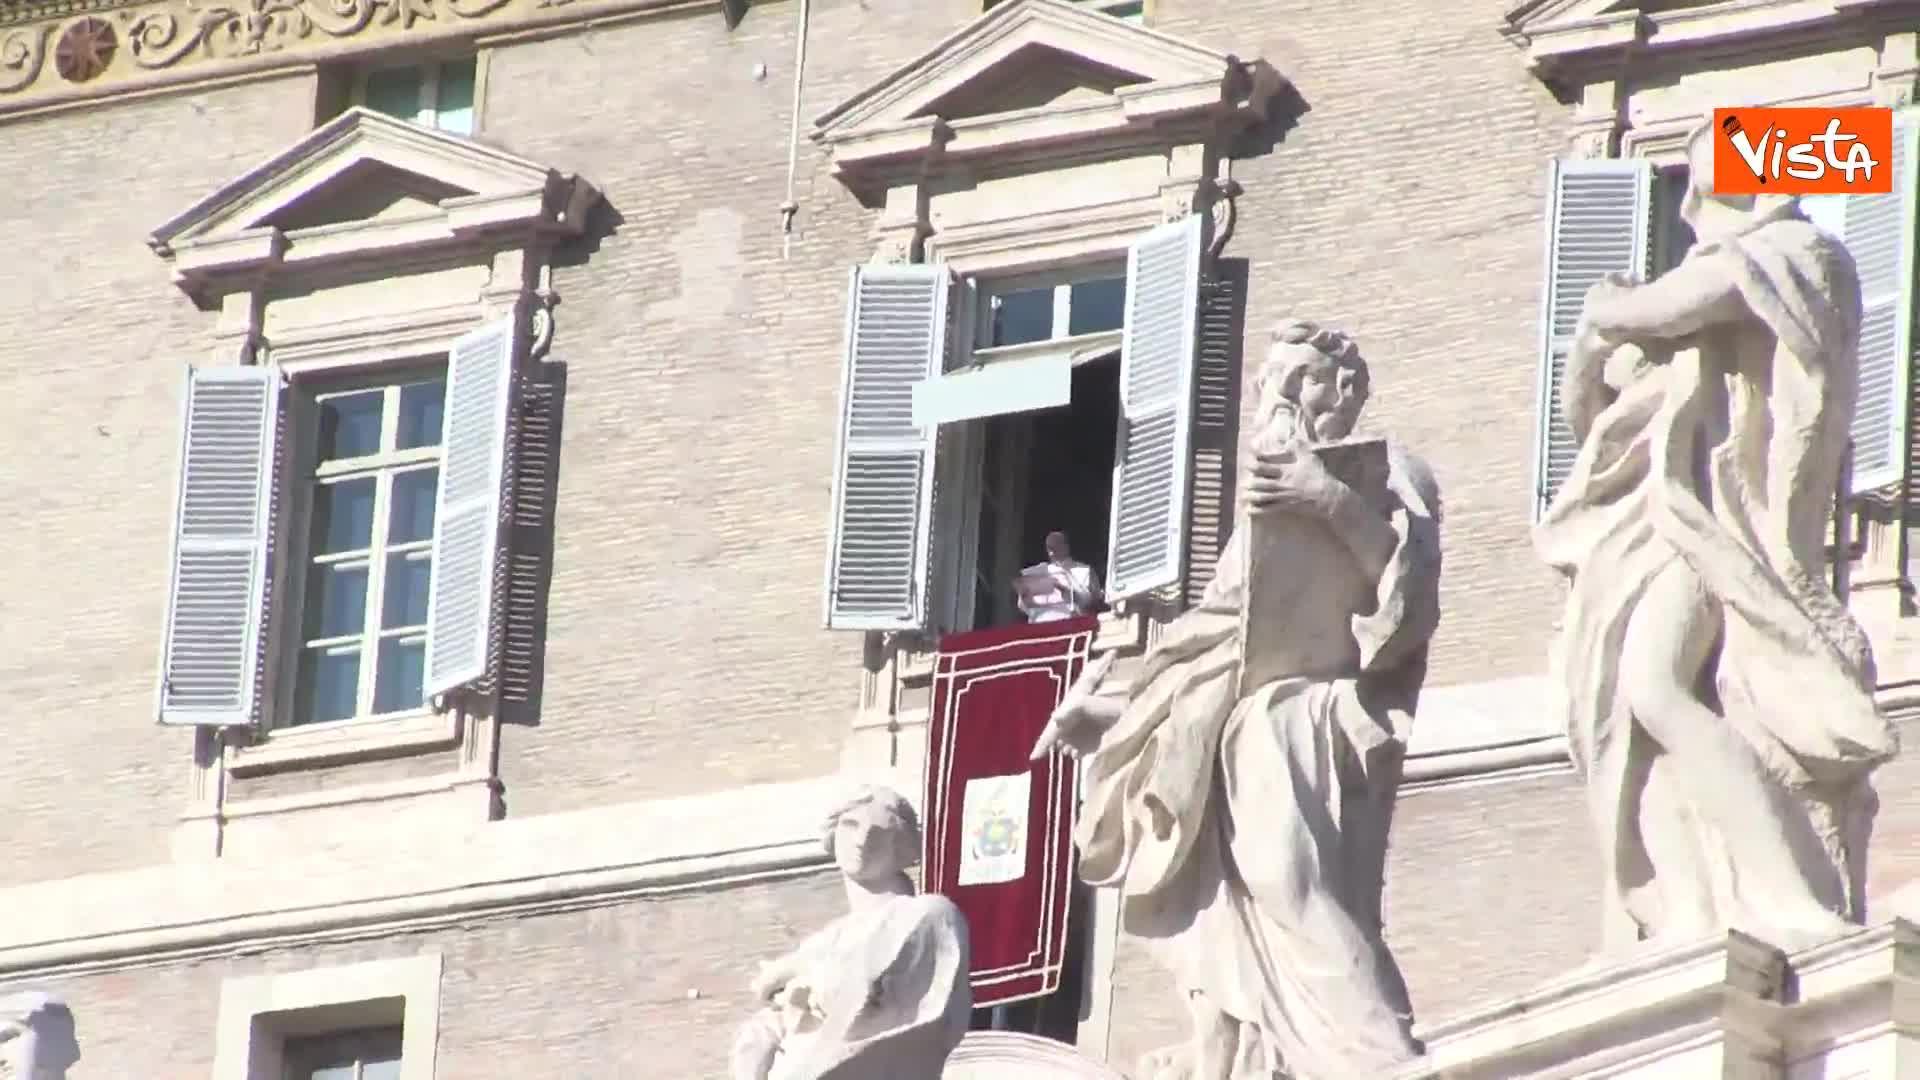 """Papa Francesco: """"Guerra porta solo morte e distruzione. Mantenere autocontrollo"""""""